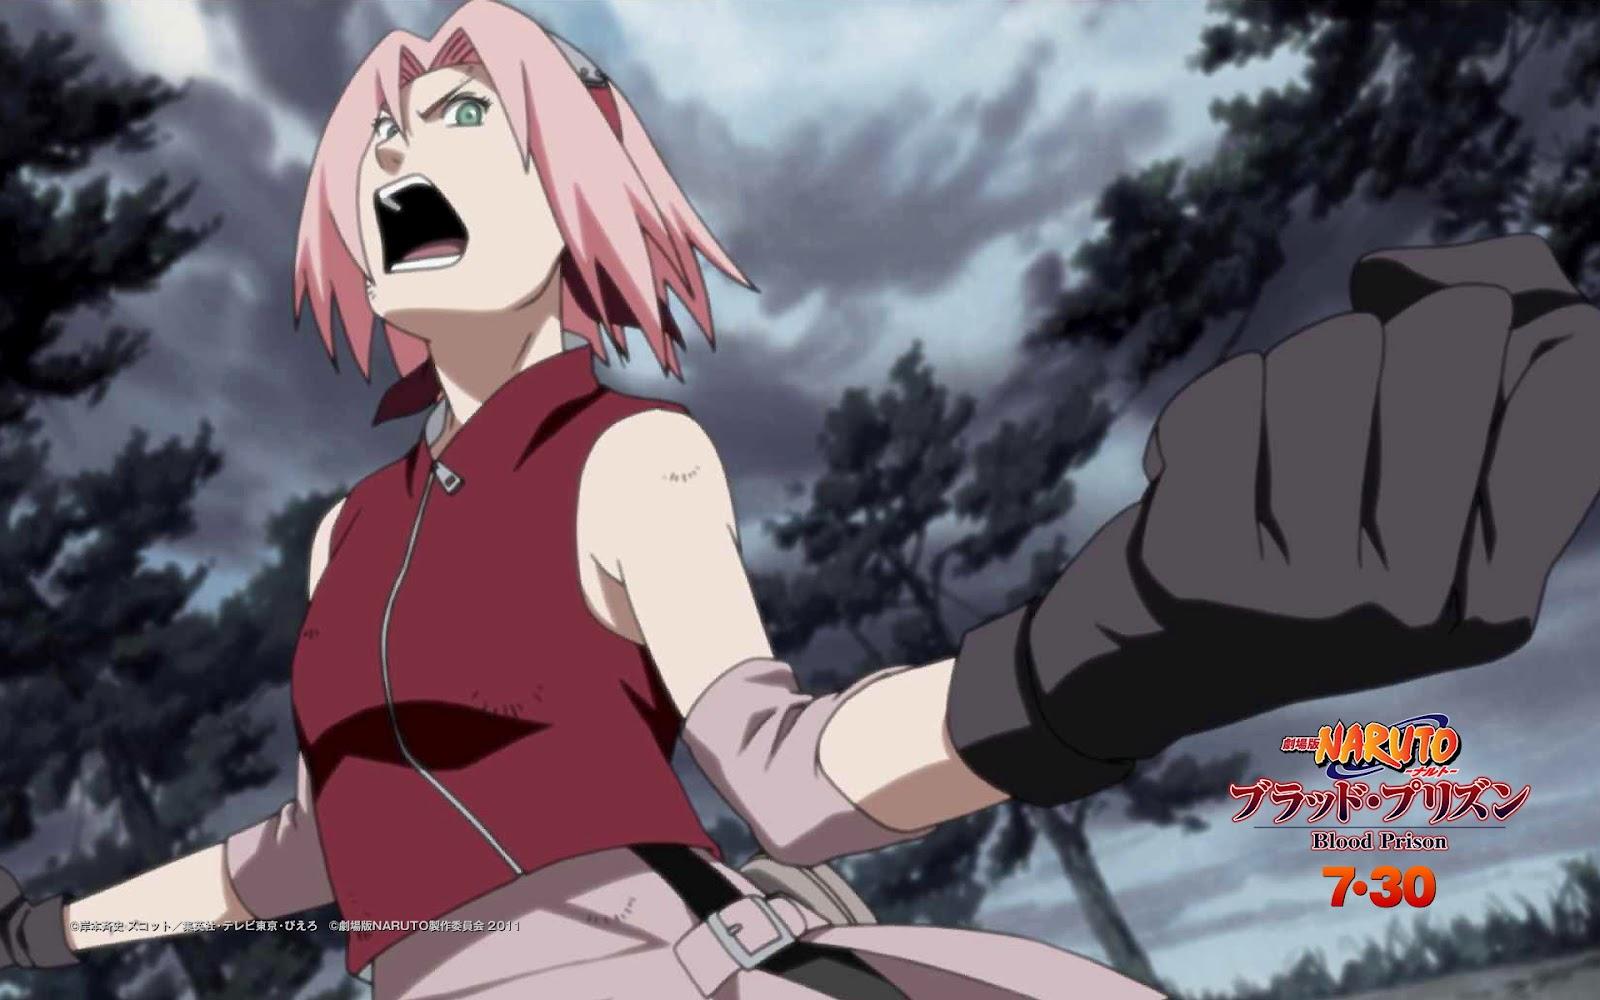 Naruto Shippuden Sakura